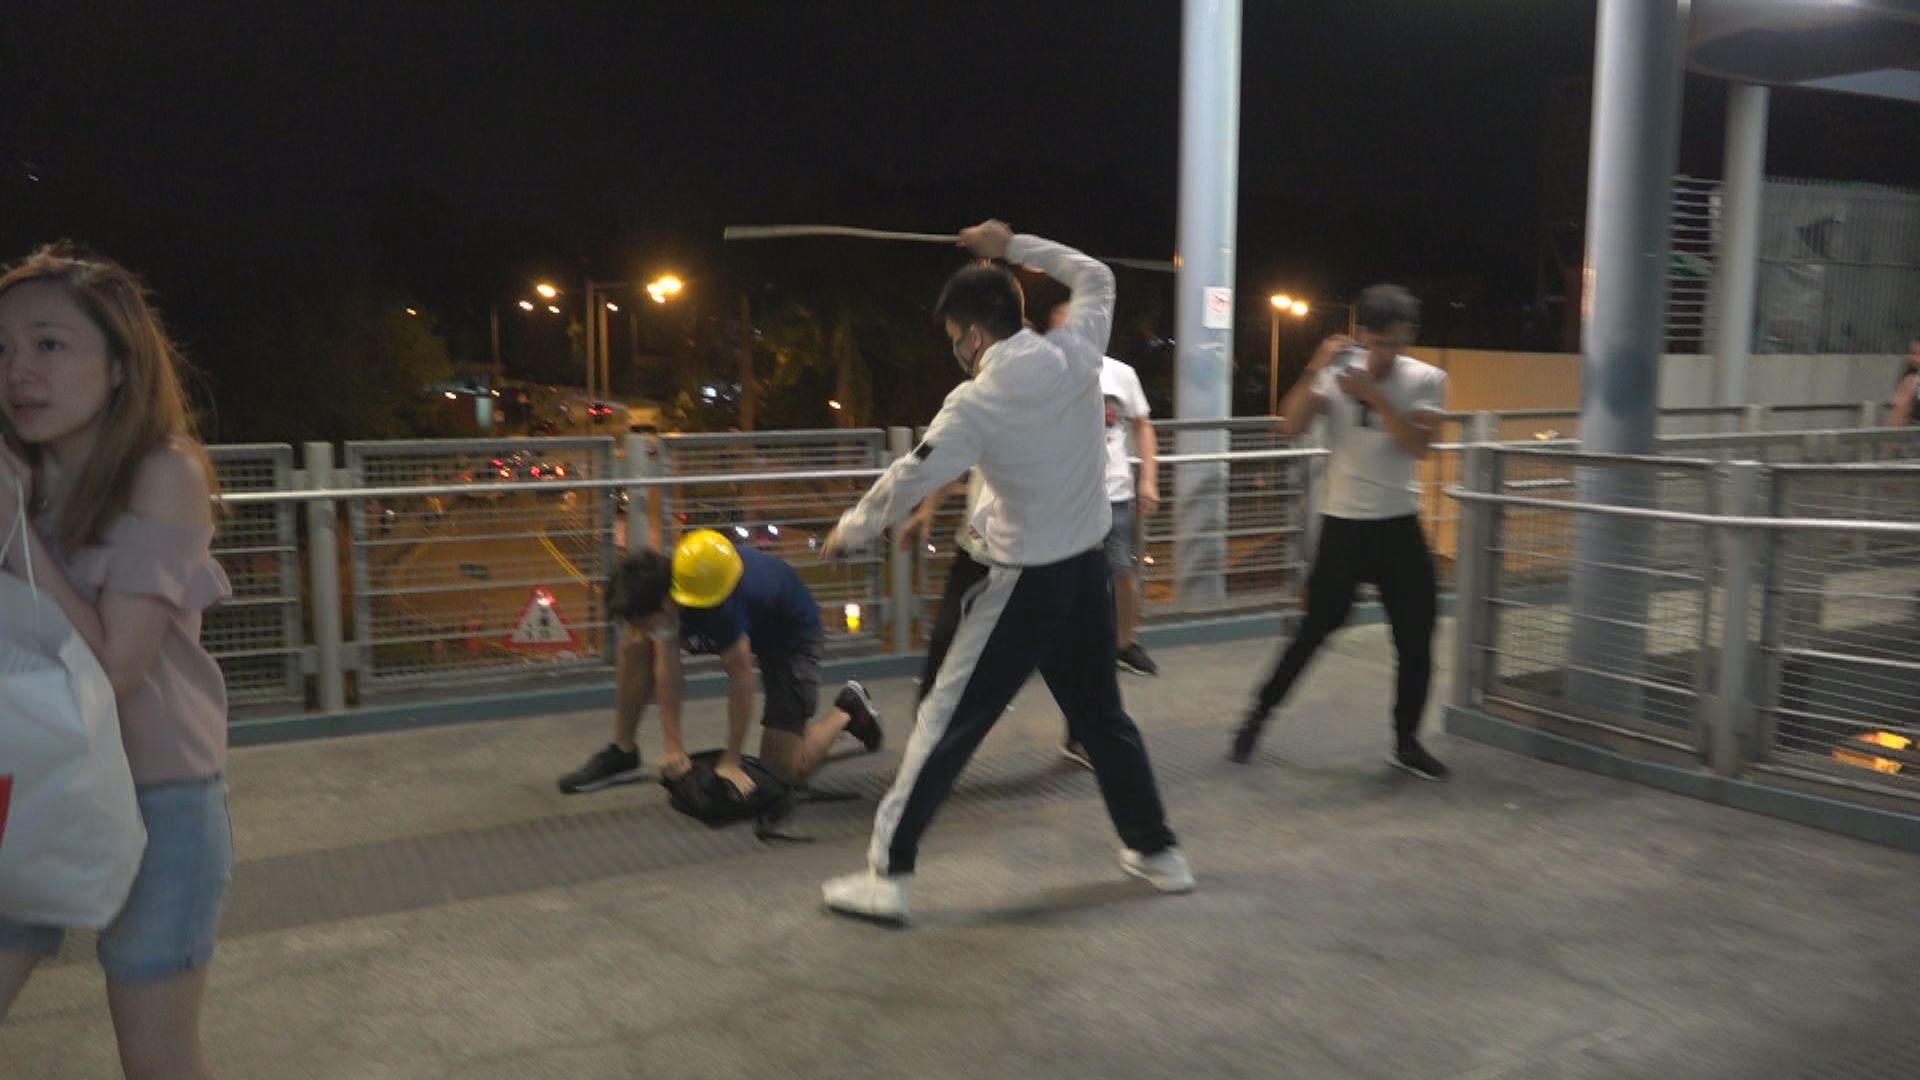 721元朗襲擊事件六人被控暴動 遇襲事主作供